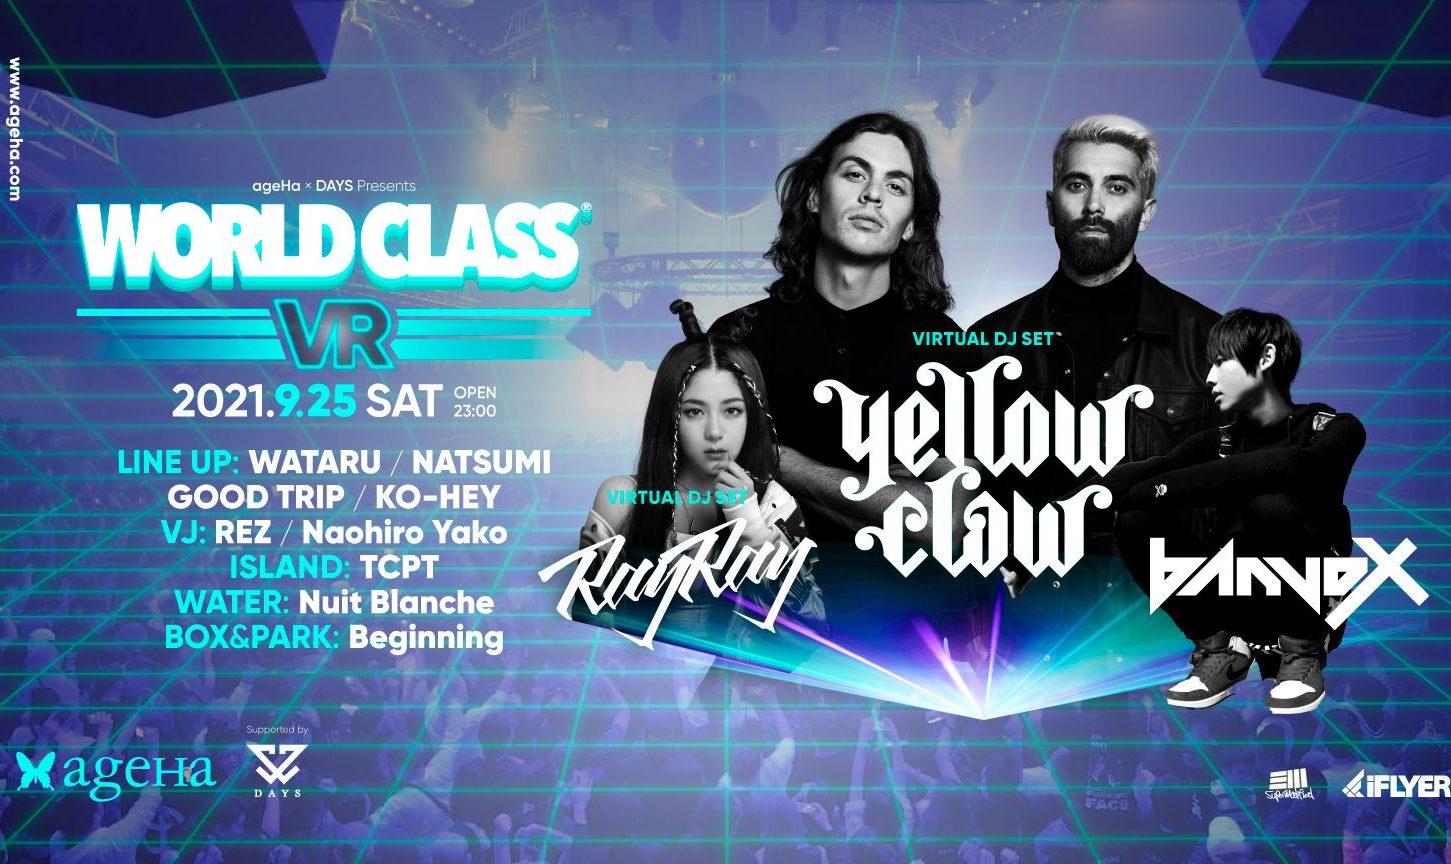 ageHaの人気パーティー「WORLD CLASS VR」開催!Yellow ClawとRayRayがバーチャル出演決定!